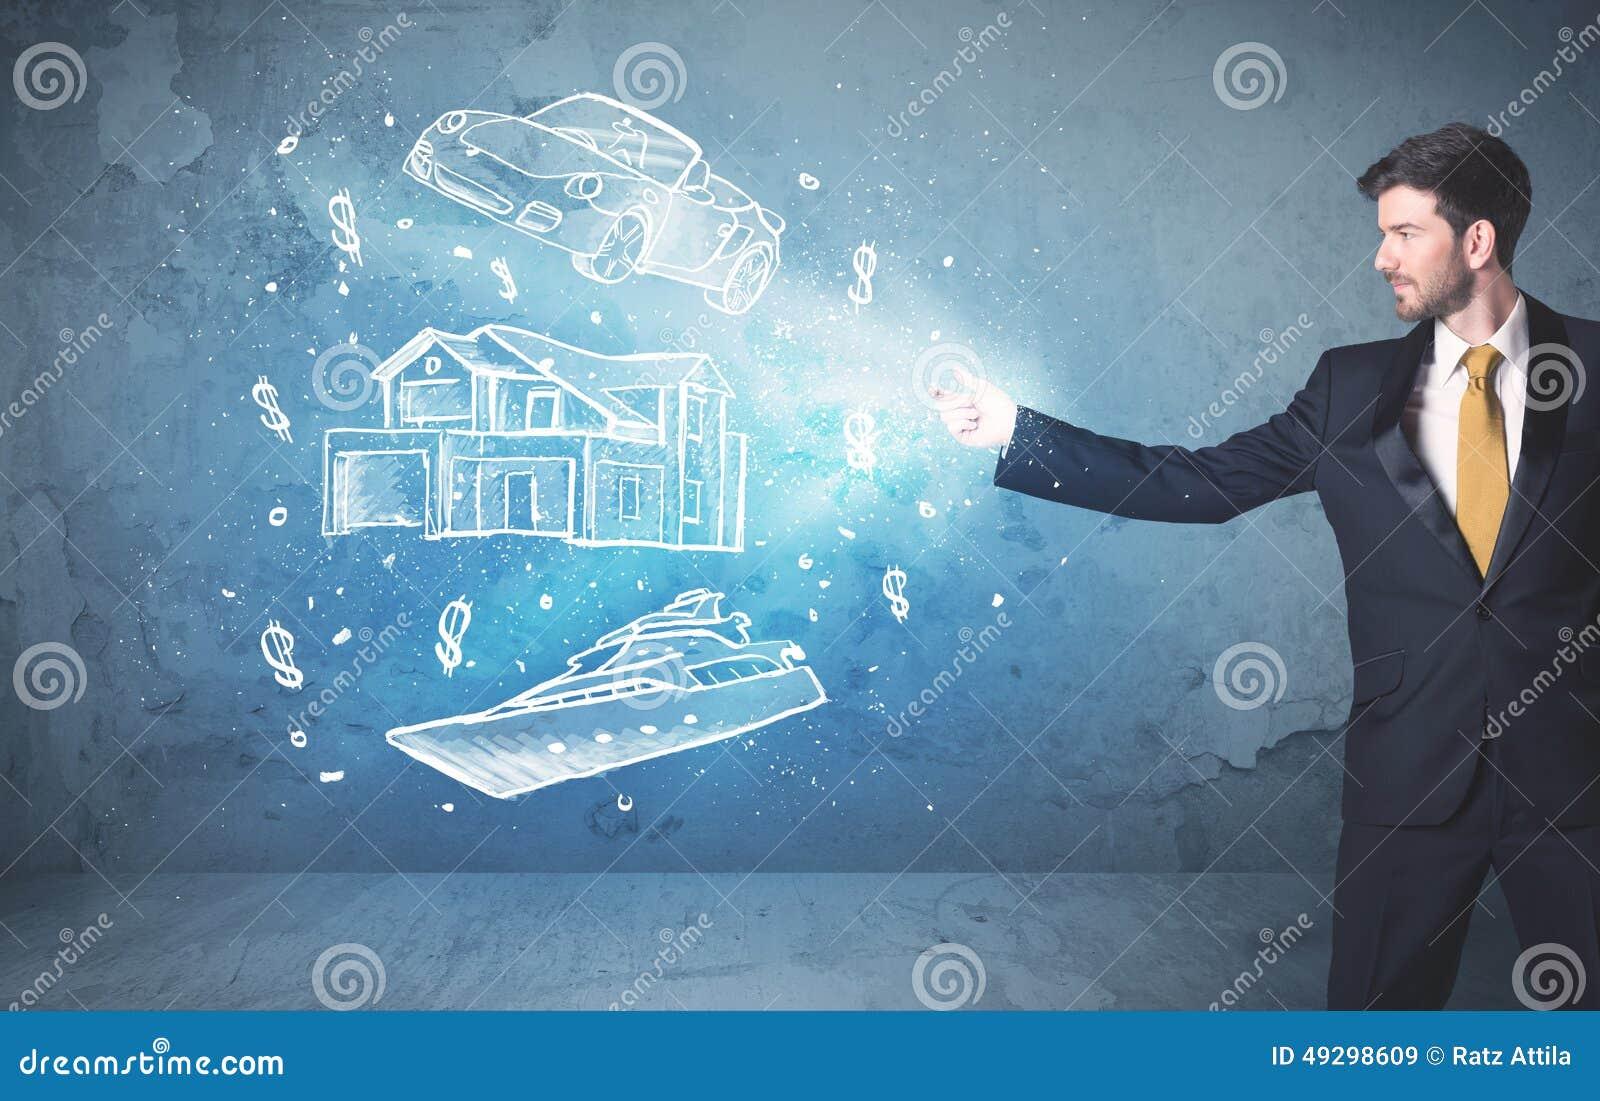 富人投掷的手拉的汽车游艇和房子